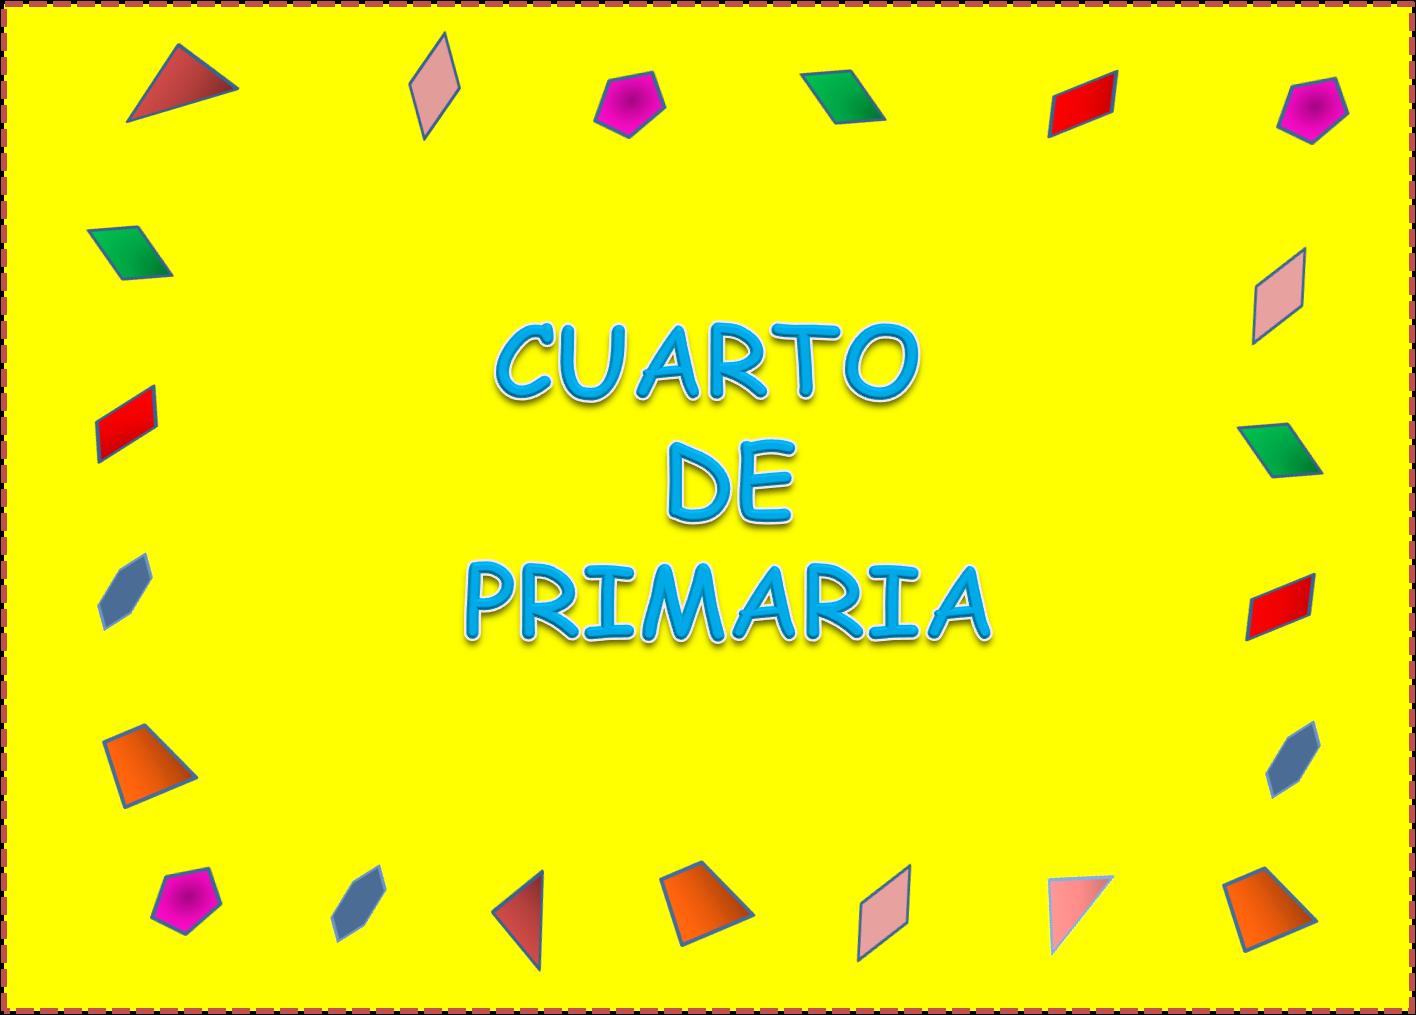 4º cuarto de primaria